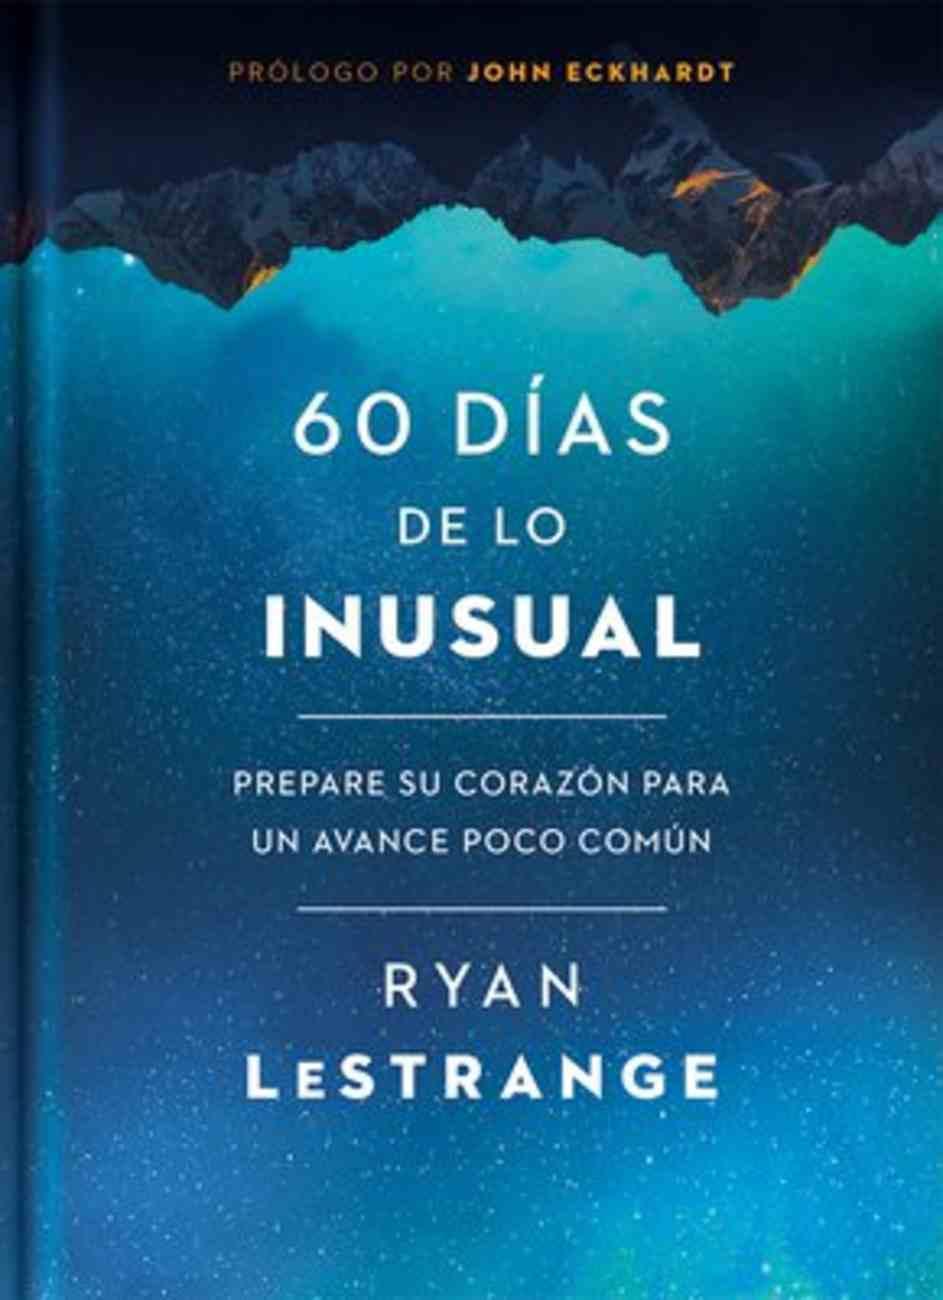 60 Dias De Lo Inusual (60 Days Of Unusual) Paperback